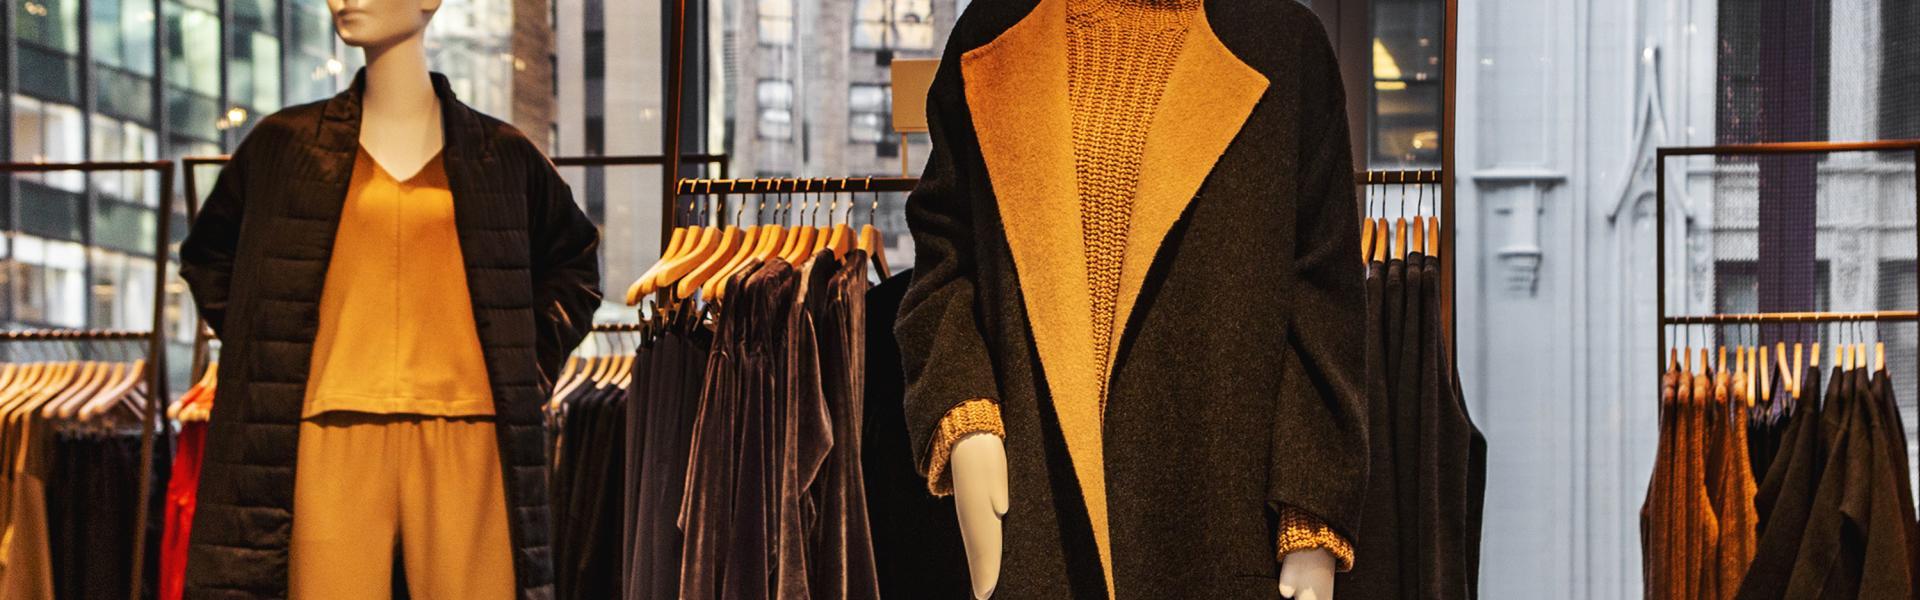 Shop NYC